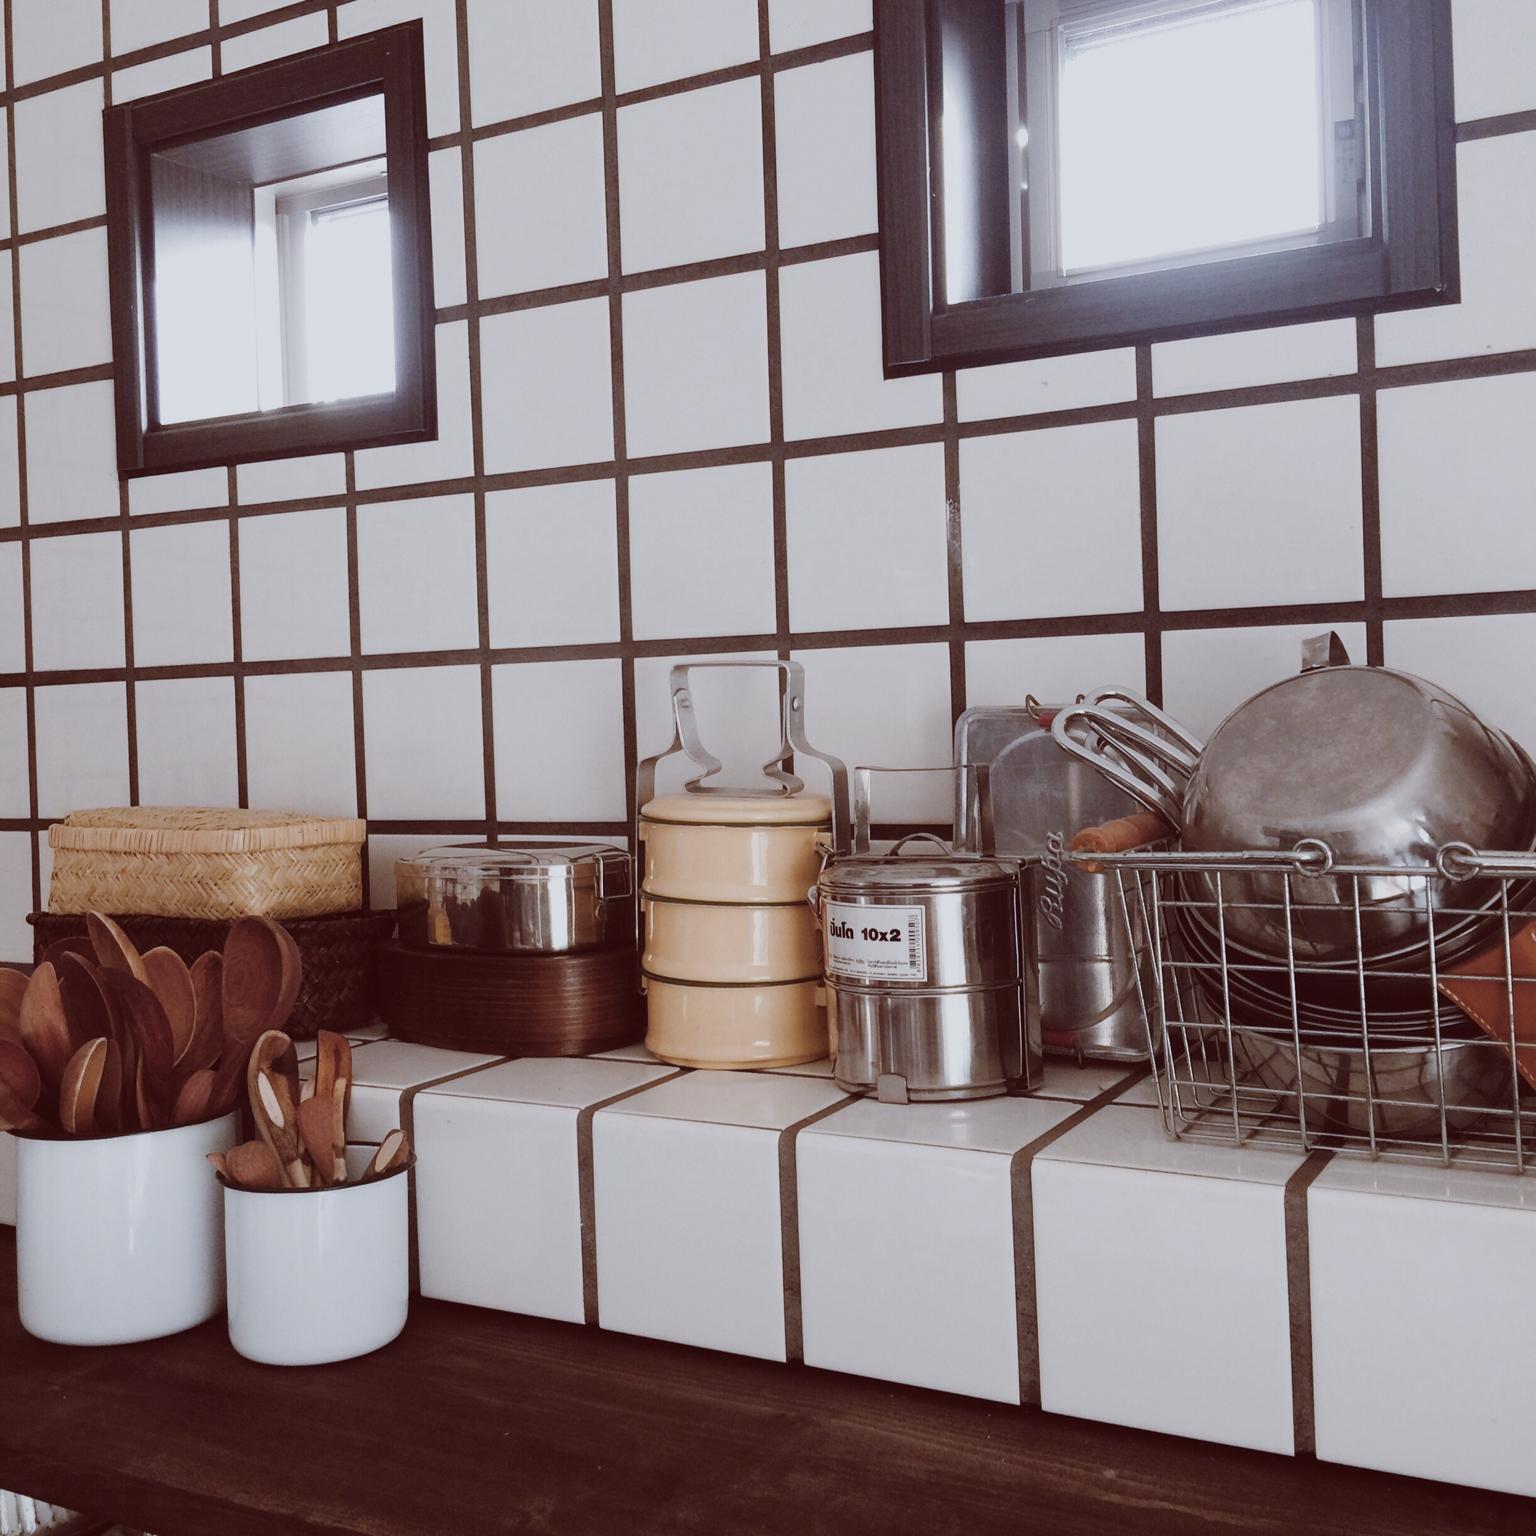 忙しい朝のお弁当づくりが楽になる!?弁当グッズの収納方法